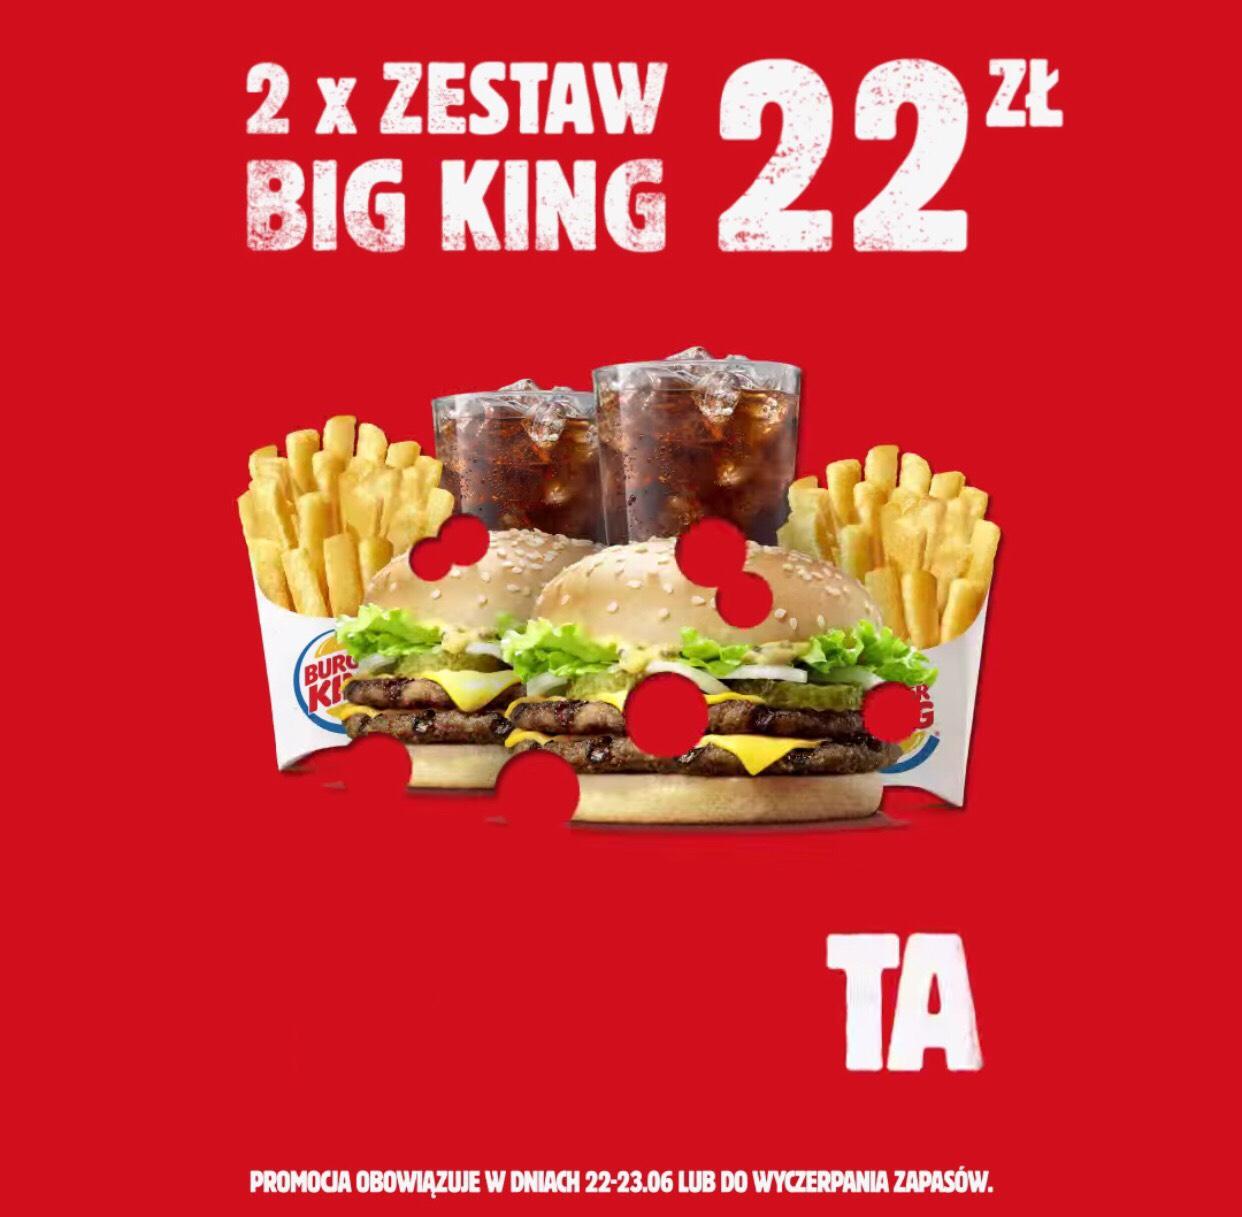 2x Zestaw Big King za 22 zł z okazji dnia ojca BURGER KING